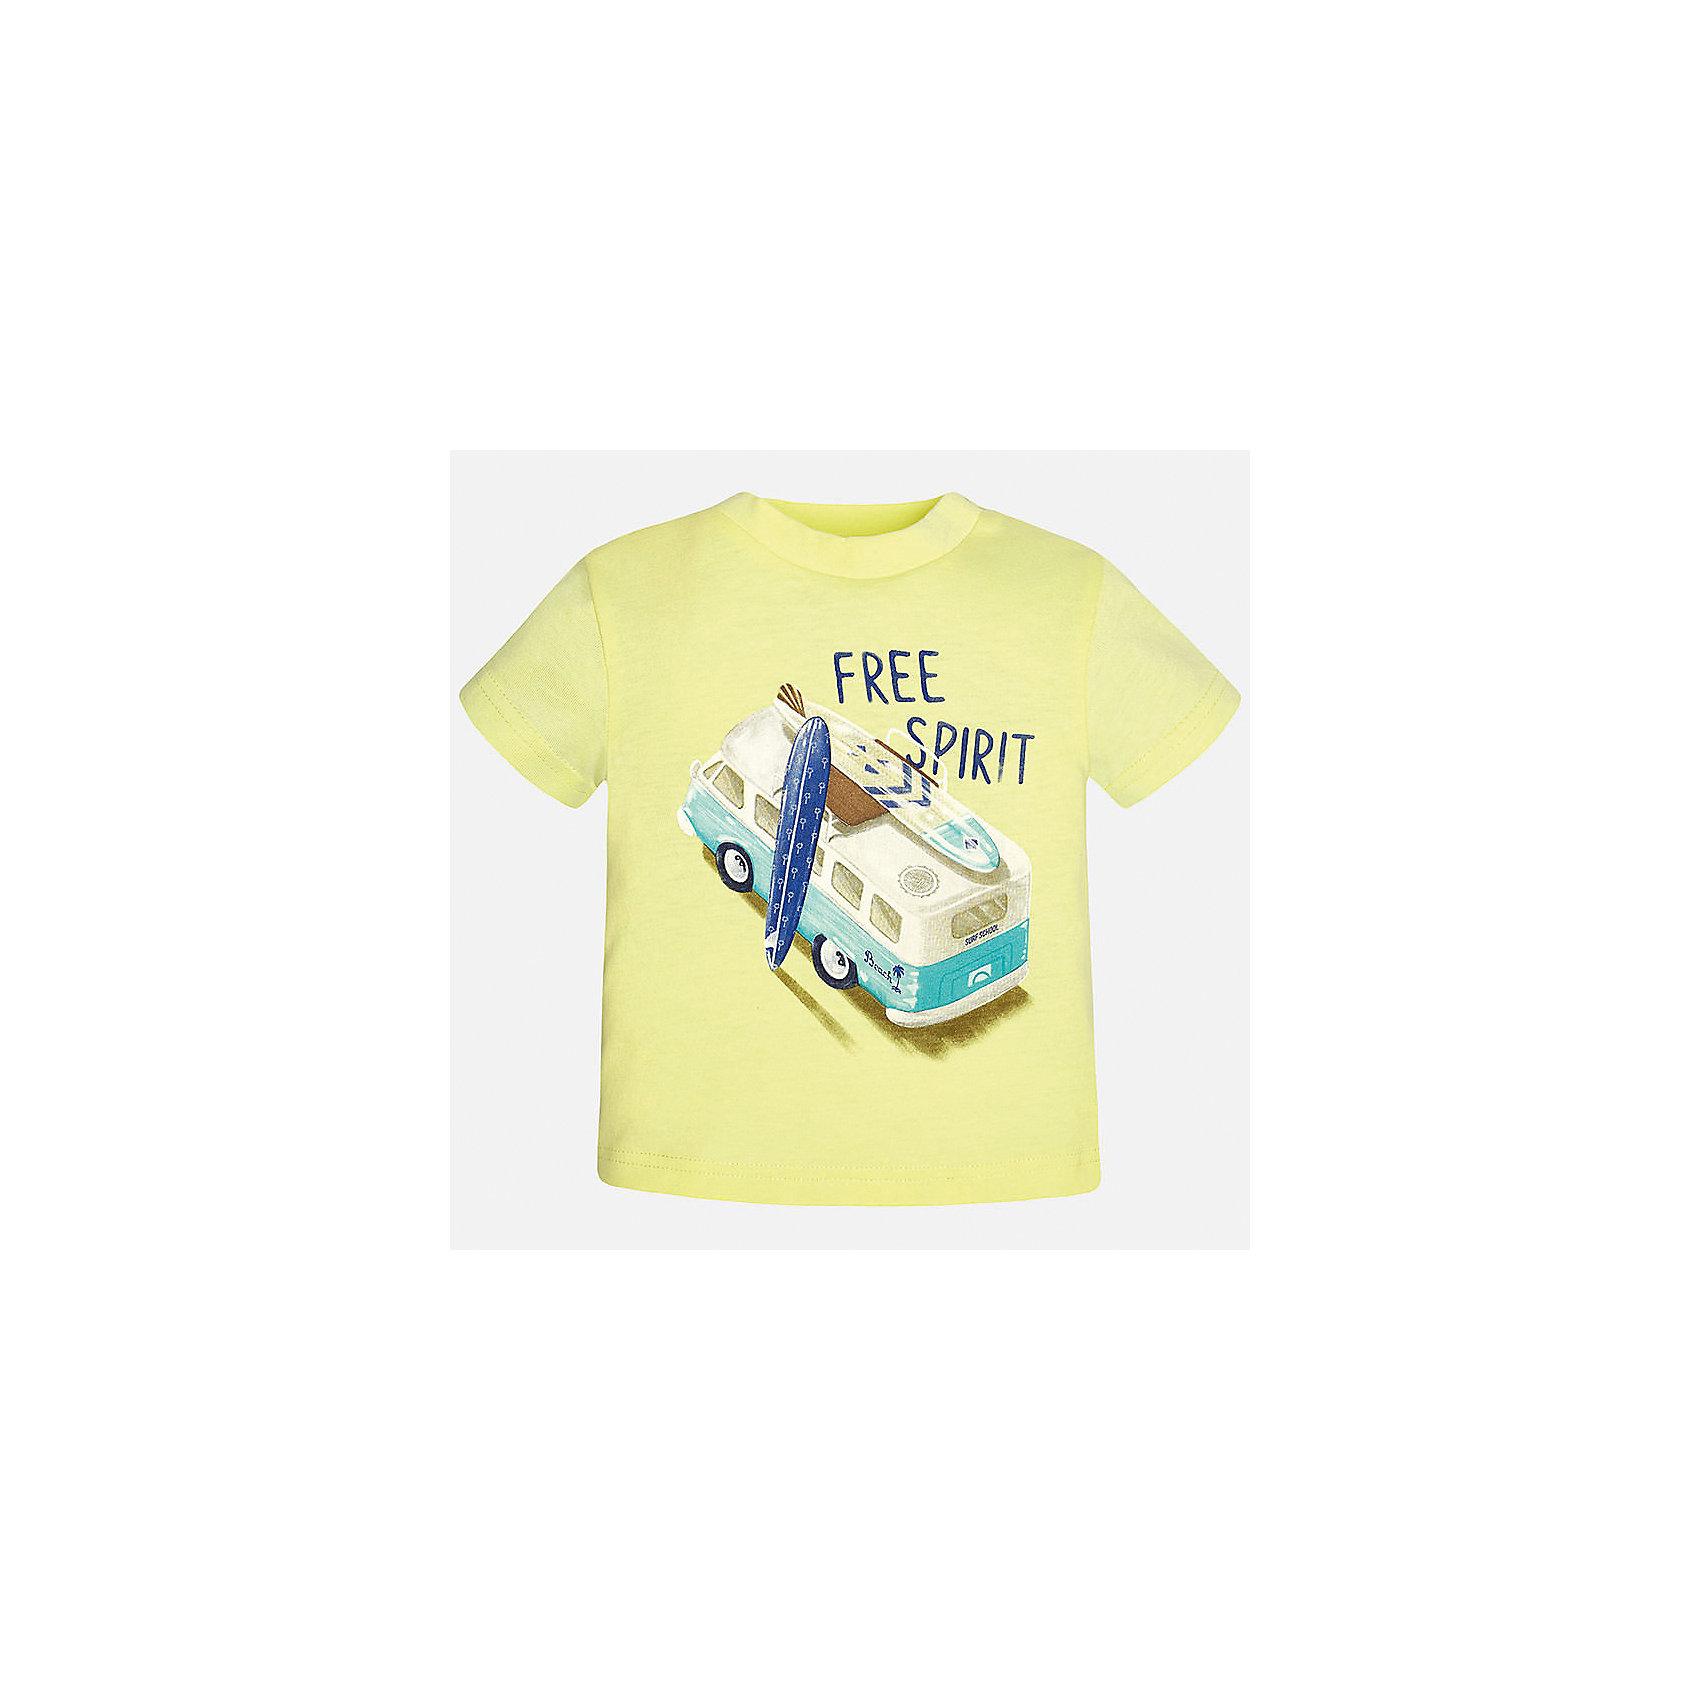 Футболка для мальчика MayoralФутболки, топы<br>Характеристики товара:<br><br>• цвет: желтый<br>• состав: 100% хлопок<br>• круглый горловой вырез<br>• декорирована принтом<br>• короткие рукава<br>• мягкая отделка горловины<br>• страна бренда: Испания<br><br>Стильная удобная футболка с принтом поможет разнообразить гардероб мальчика. Она отлично сочетается с брюками, шортами, джинсами. Универсальный крой и цвет позволяет подобрать к вещи низ разных расцветок. Практичное и стильное изделие! Хорошо смотрится и комфортно сидит на детях. В составе материала - натуральный хлопок, гипоаллергенный, приятный на ощупь, дышащий. <br><br>Одежда, обувь и аксессуары от испанского бренда Mayoral полюбились детям и взрослым по всему миру. Модели этой марки - стильные и удобные. Для их производства используются только безопасные, качественные материалы и фурнитура. Порадуйте ребенка модными и красивыми вещами от Mayoral! <br><br>Футболку для мальчика от испанского бренда Mayoral (Майорал) можно купить в нашем интернет-магазине.<br><br>Ширина мм: 199<br>Глубина мм: 10<br>Высота мм: 161<br>Вес г: 151<br>Цвет: оранжевый<br>Возраст от месяцев: 12<br>Возраст до месяцев: 15<br>Пол: Мужской<br>Возраст: Детский<br>Размер: 80,86,92<br>SKU: 5278445